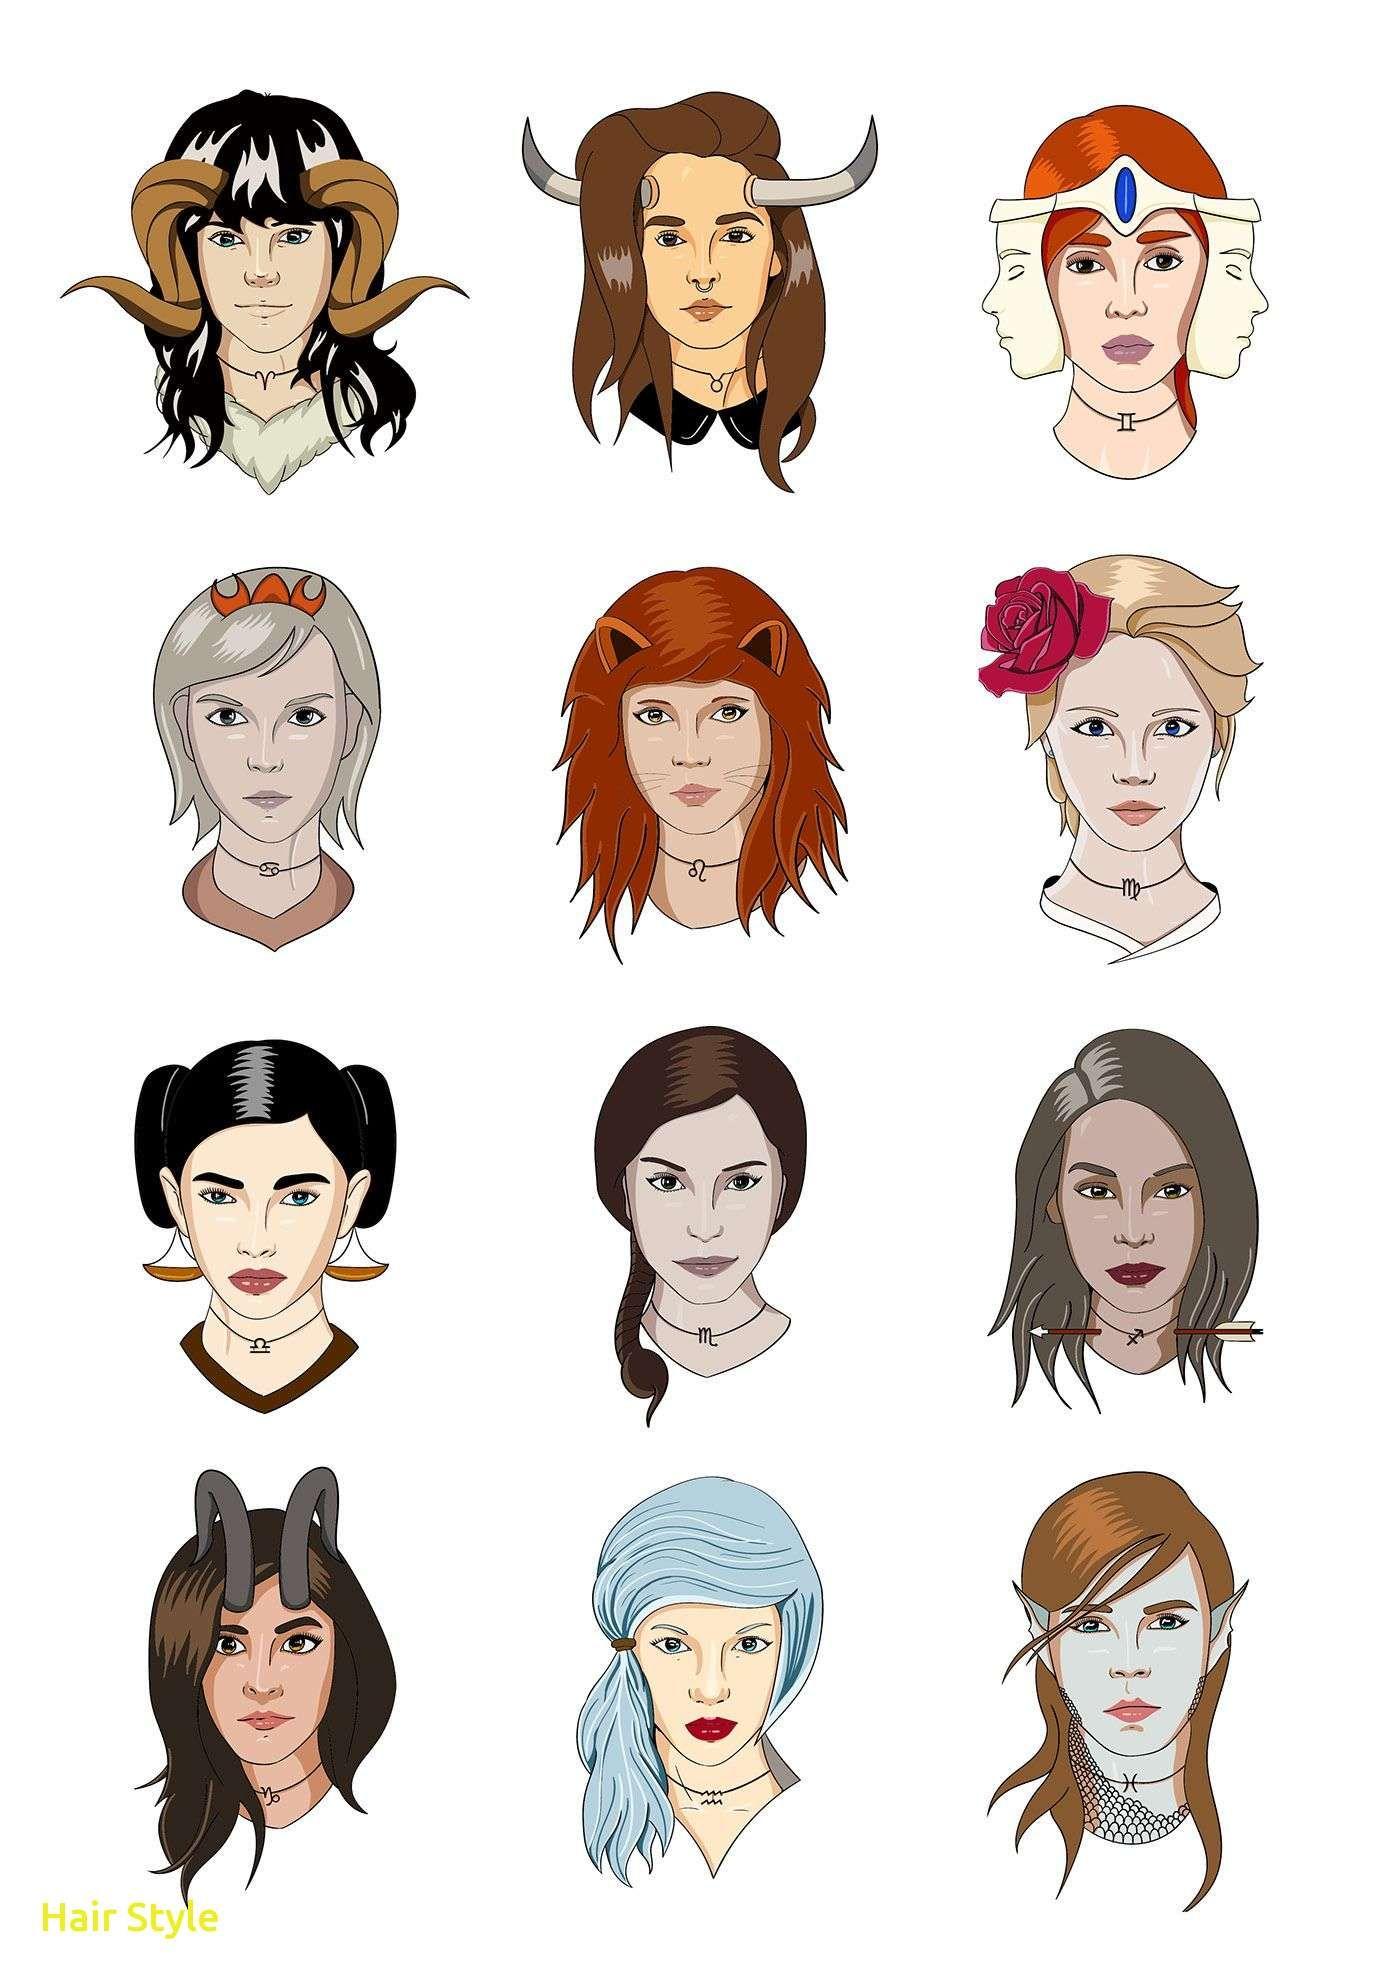 Inspirierende Sternzeichen Haarfarbe With Images Zodiac Signs Zodiac Constellation Art